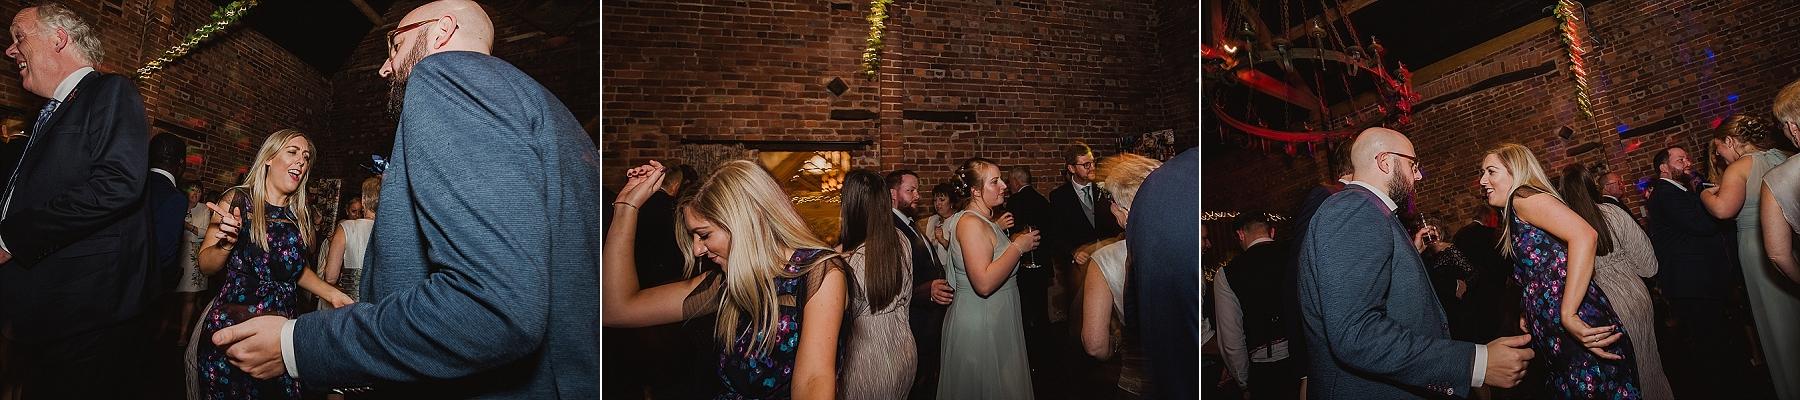 ROZ_RICH_curradine_wedding_0100.jpg